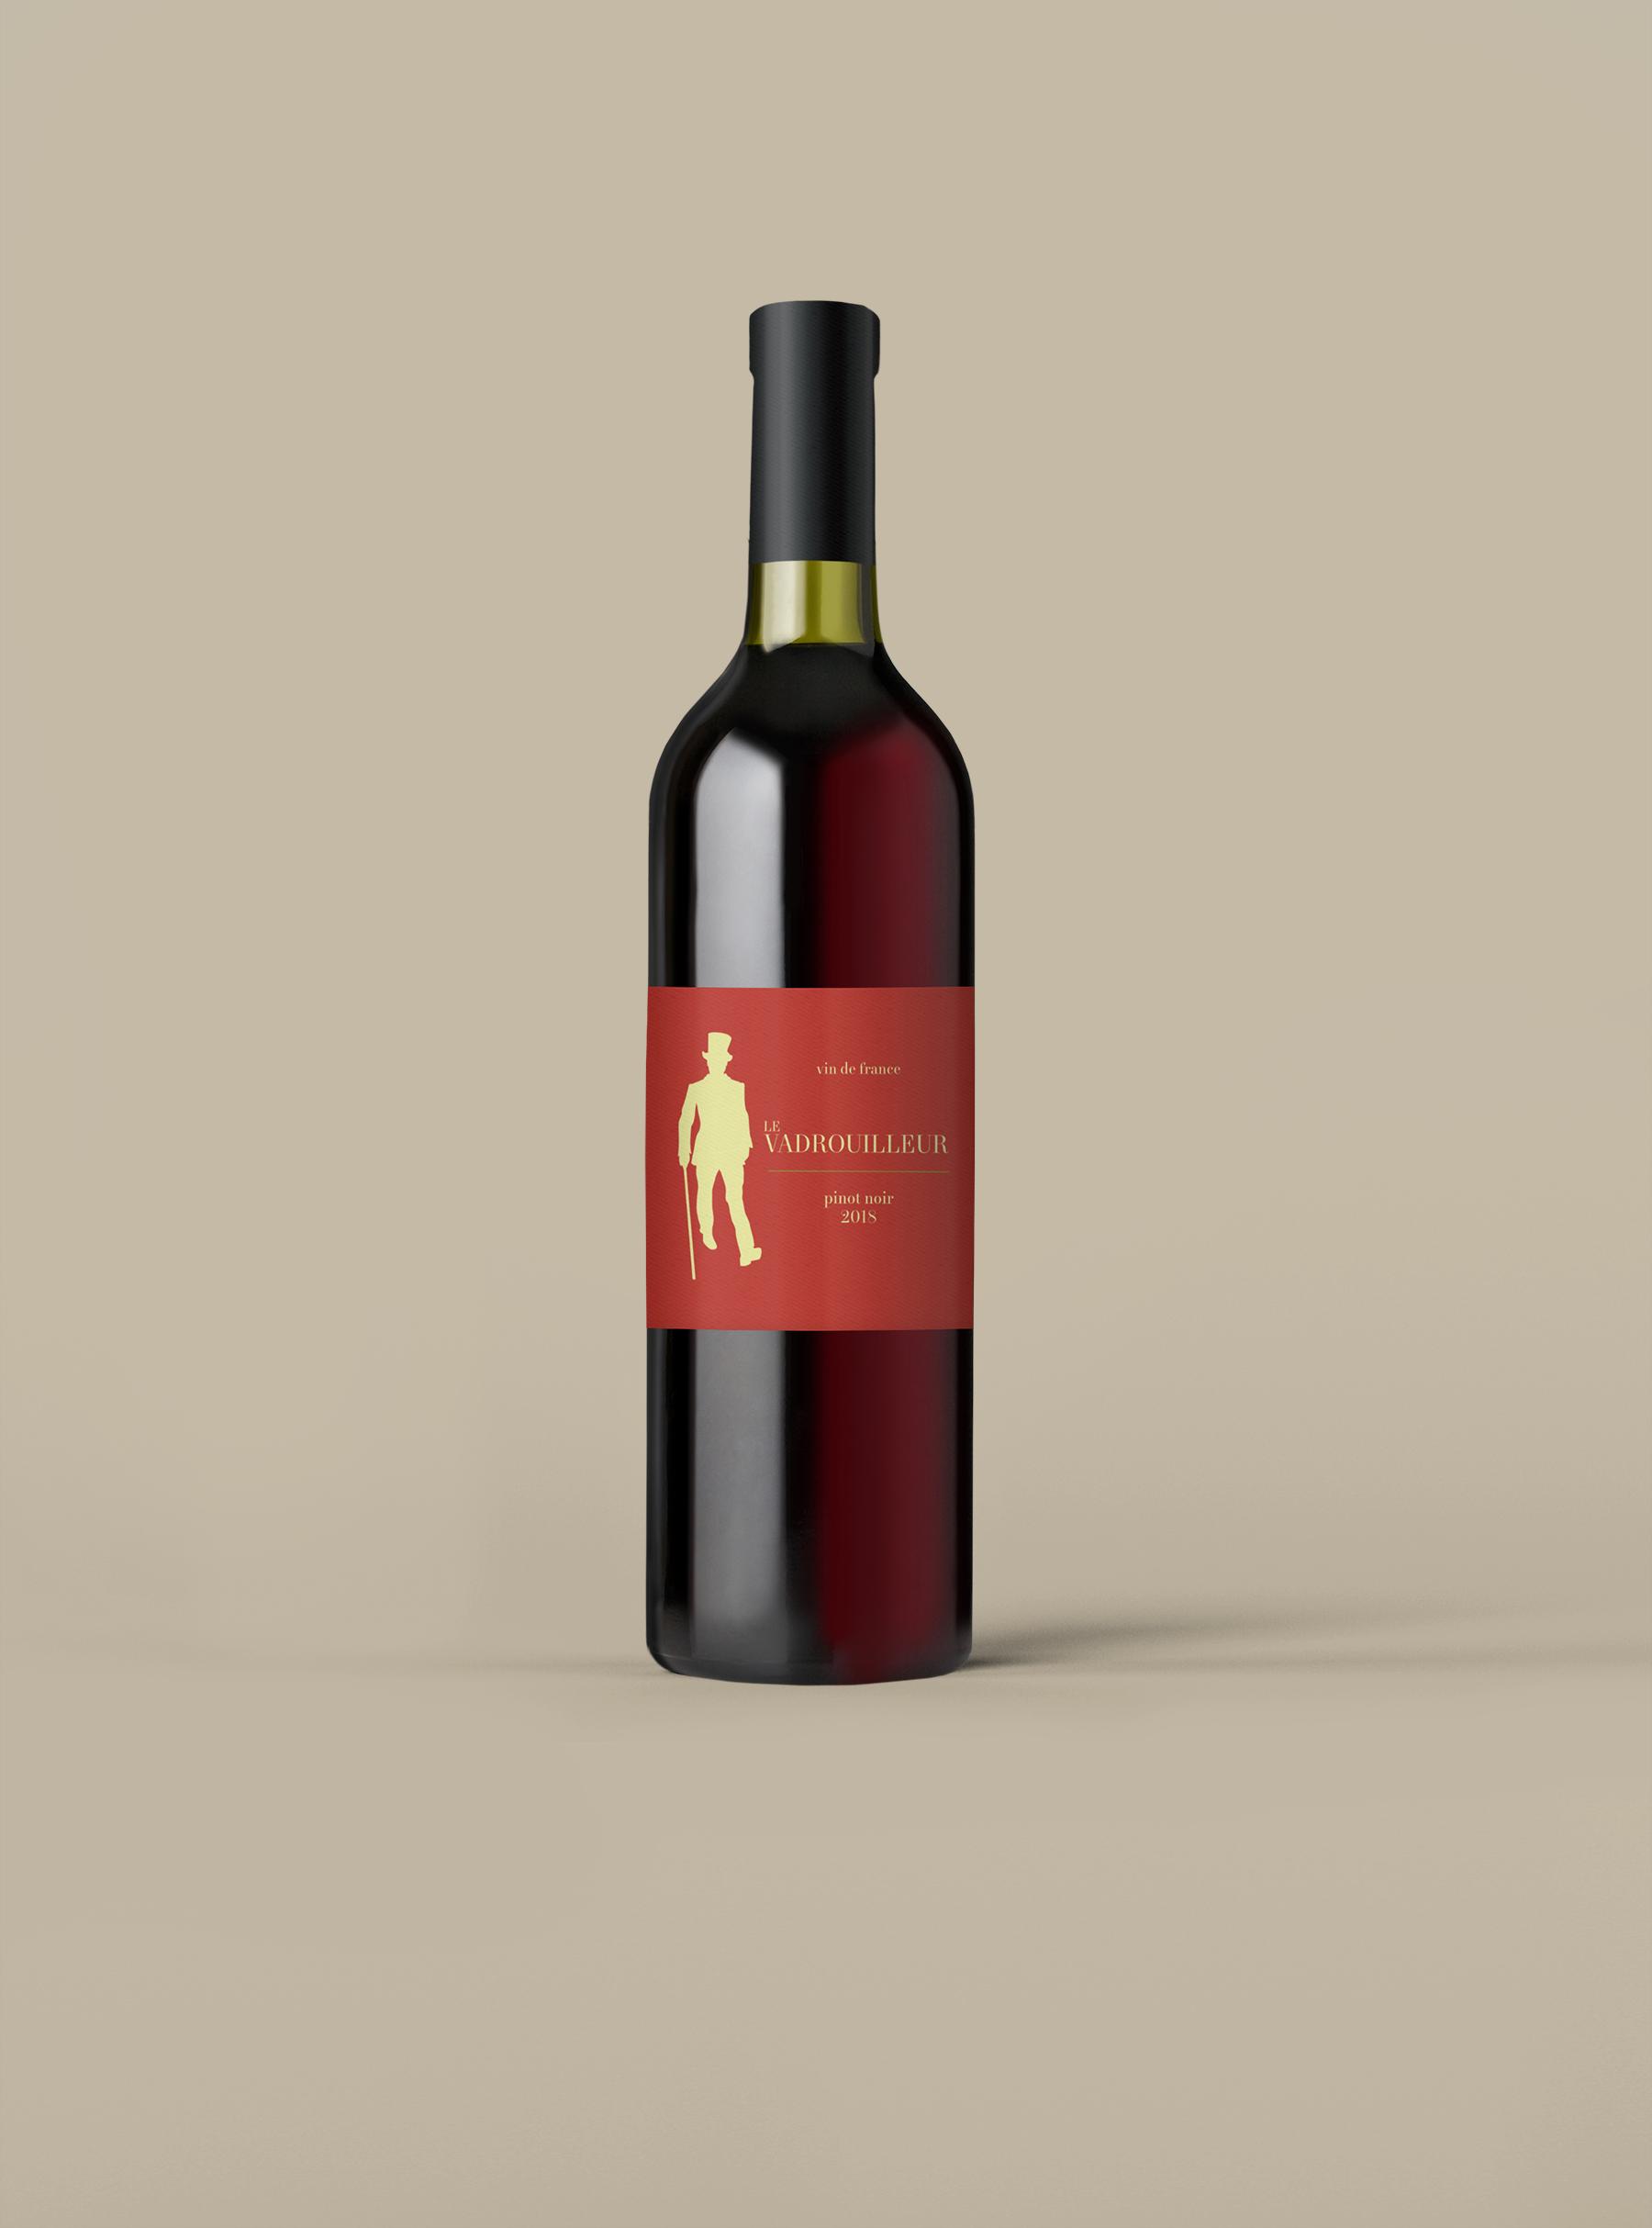 Le Vadrouilleur Vin de France Pinot Noir